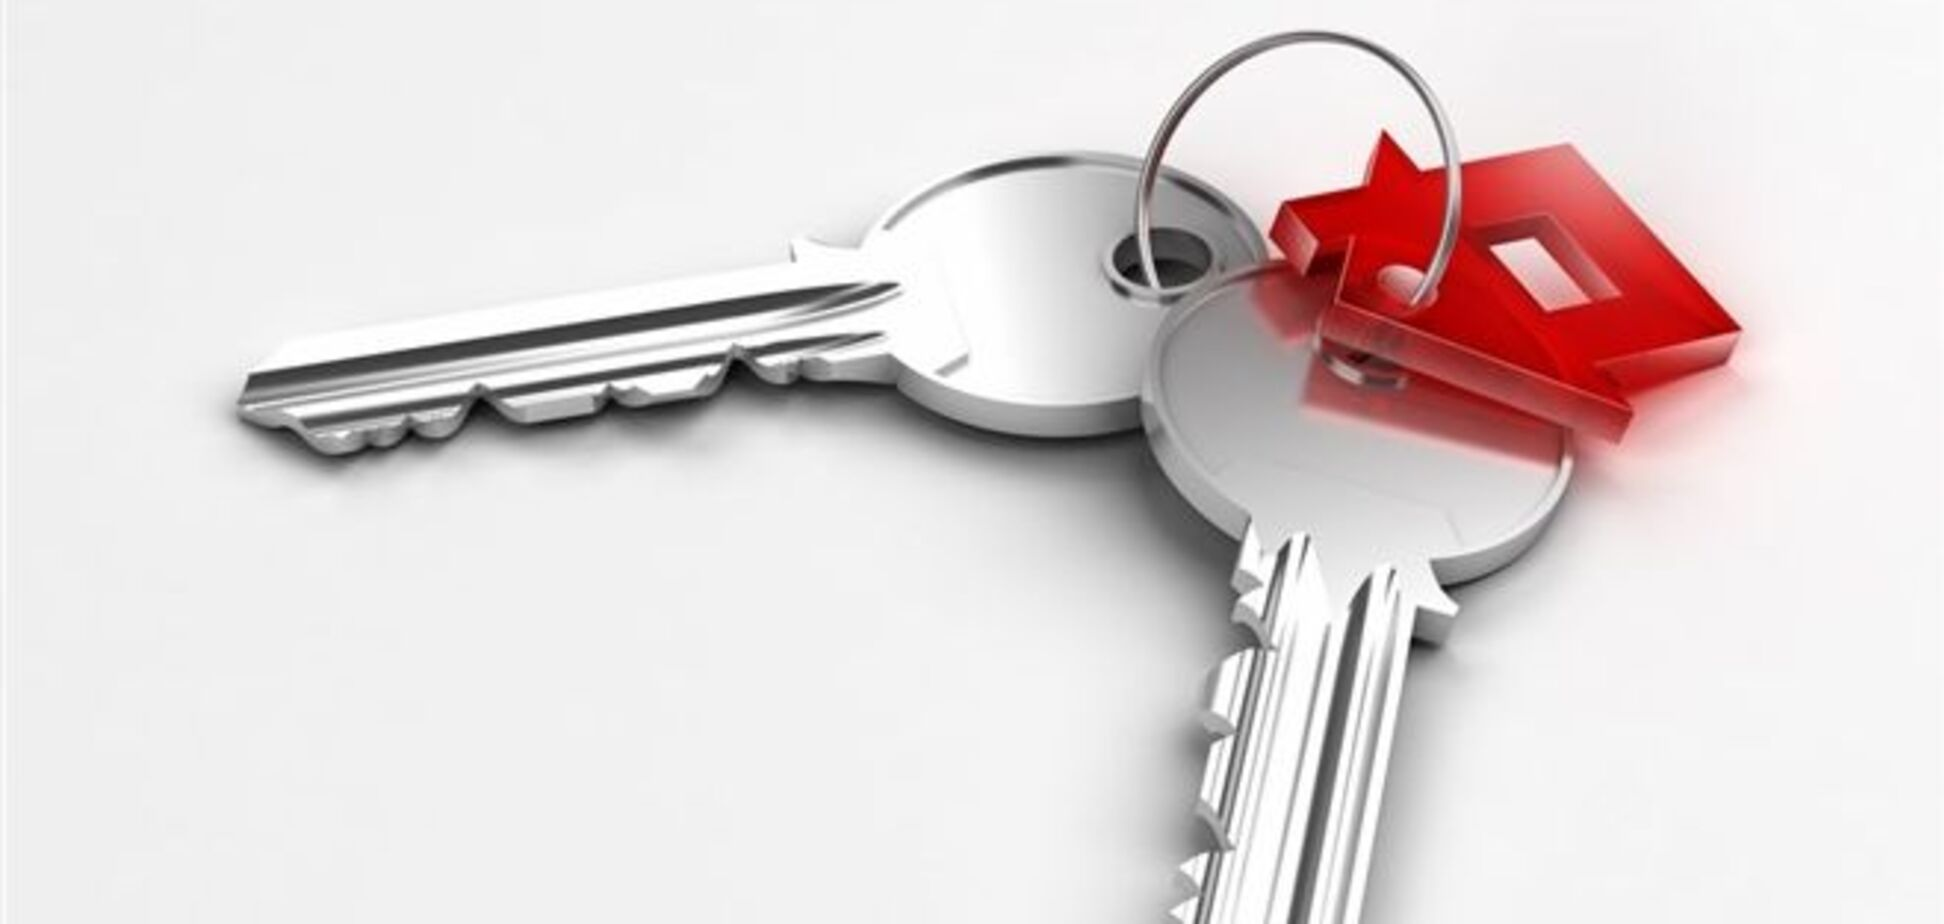 Более 33 тыс. семей получили жилье в рамках государственных программ